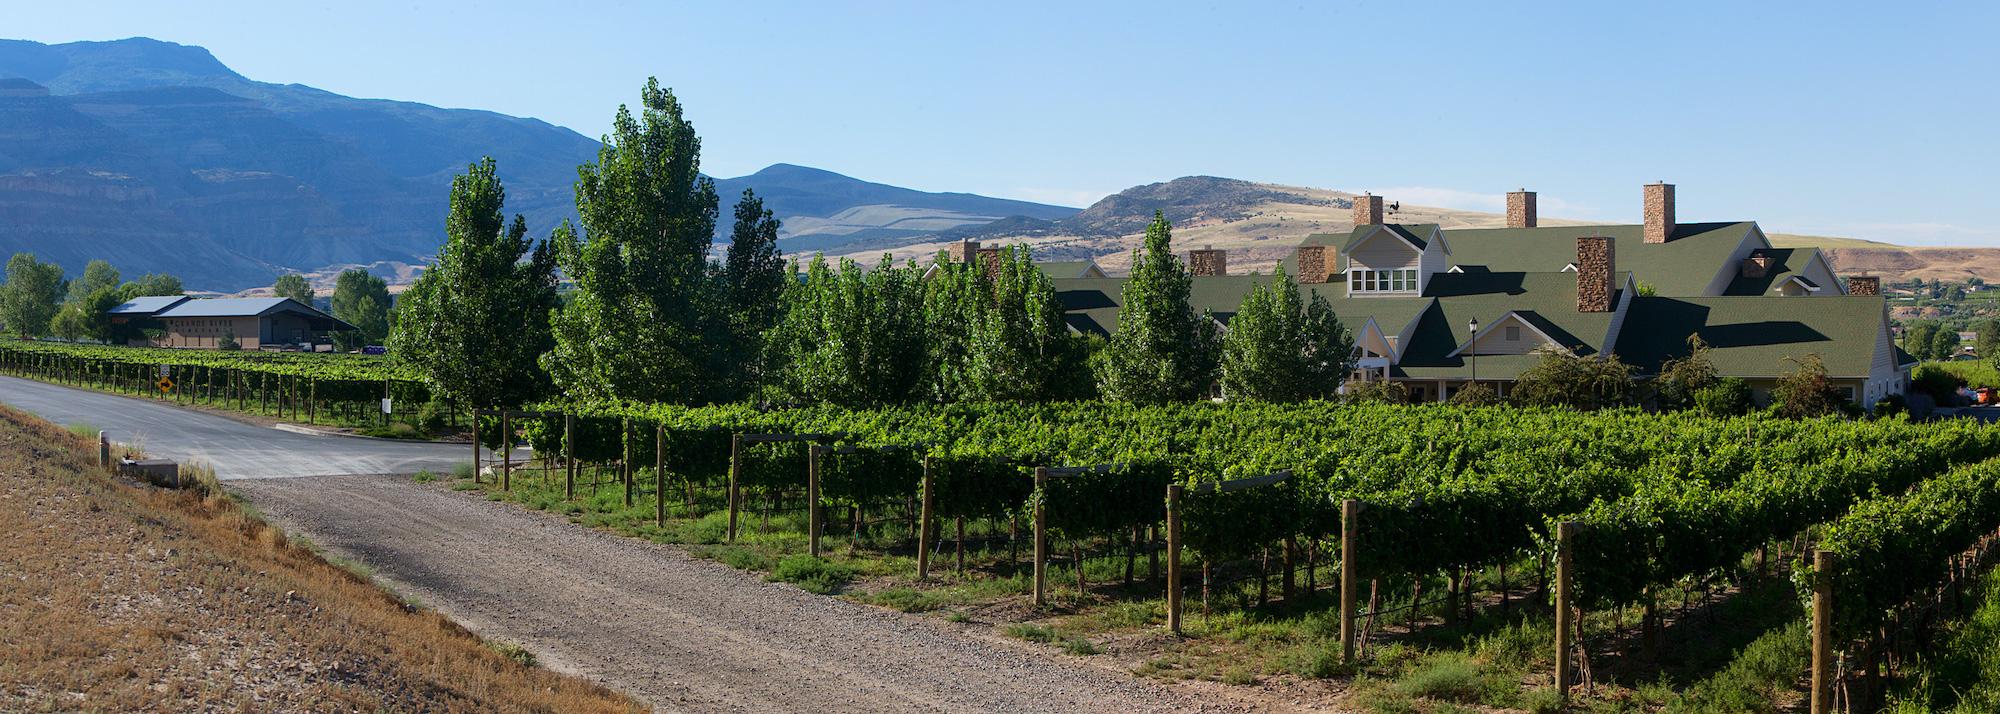 Wine Country Inn - Courtesy of Marc Hoberman